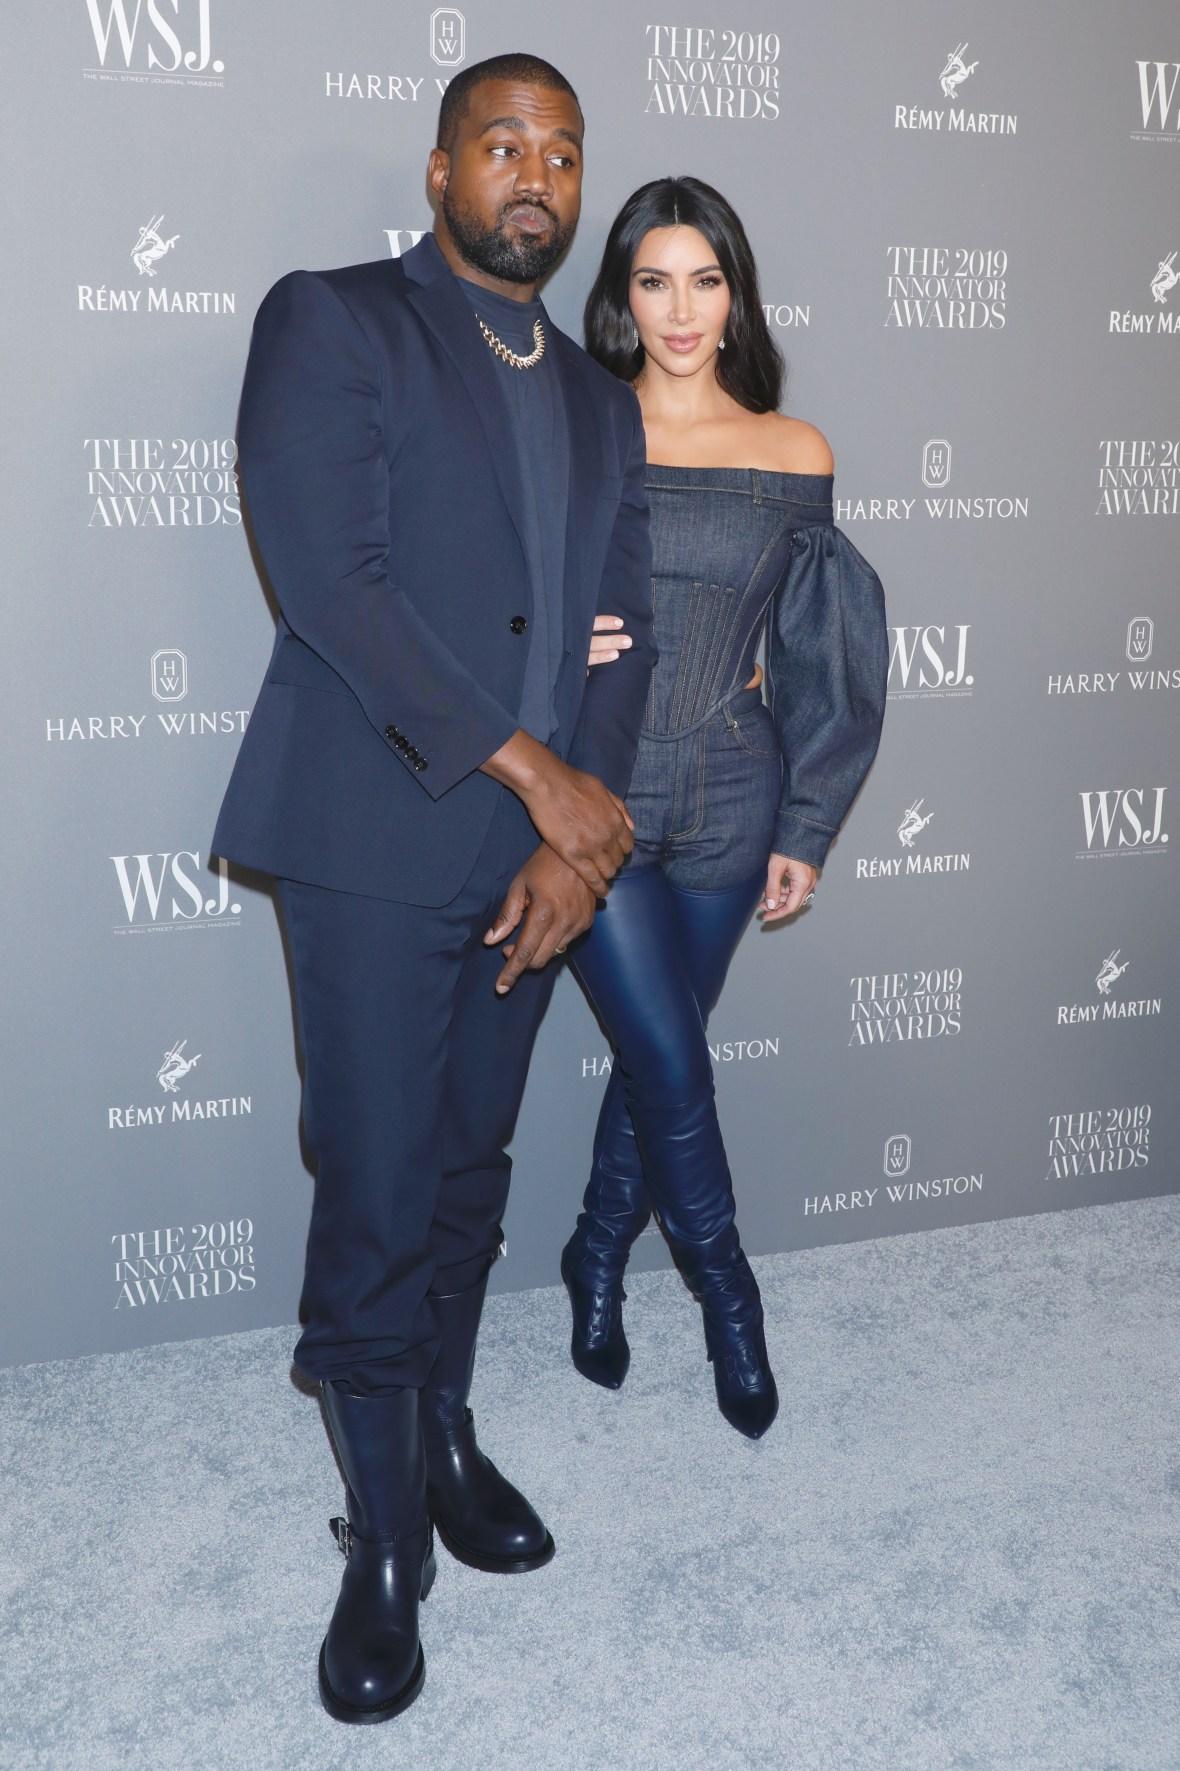 Kim Kardashian Holding Husband Kanye West's Arm